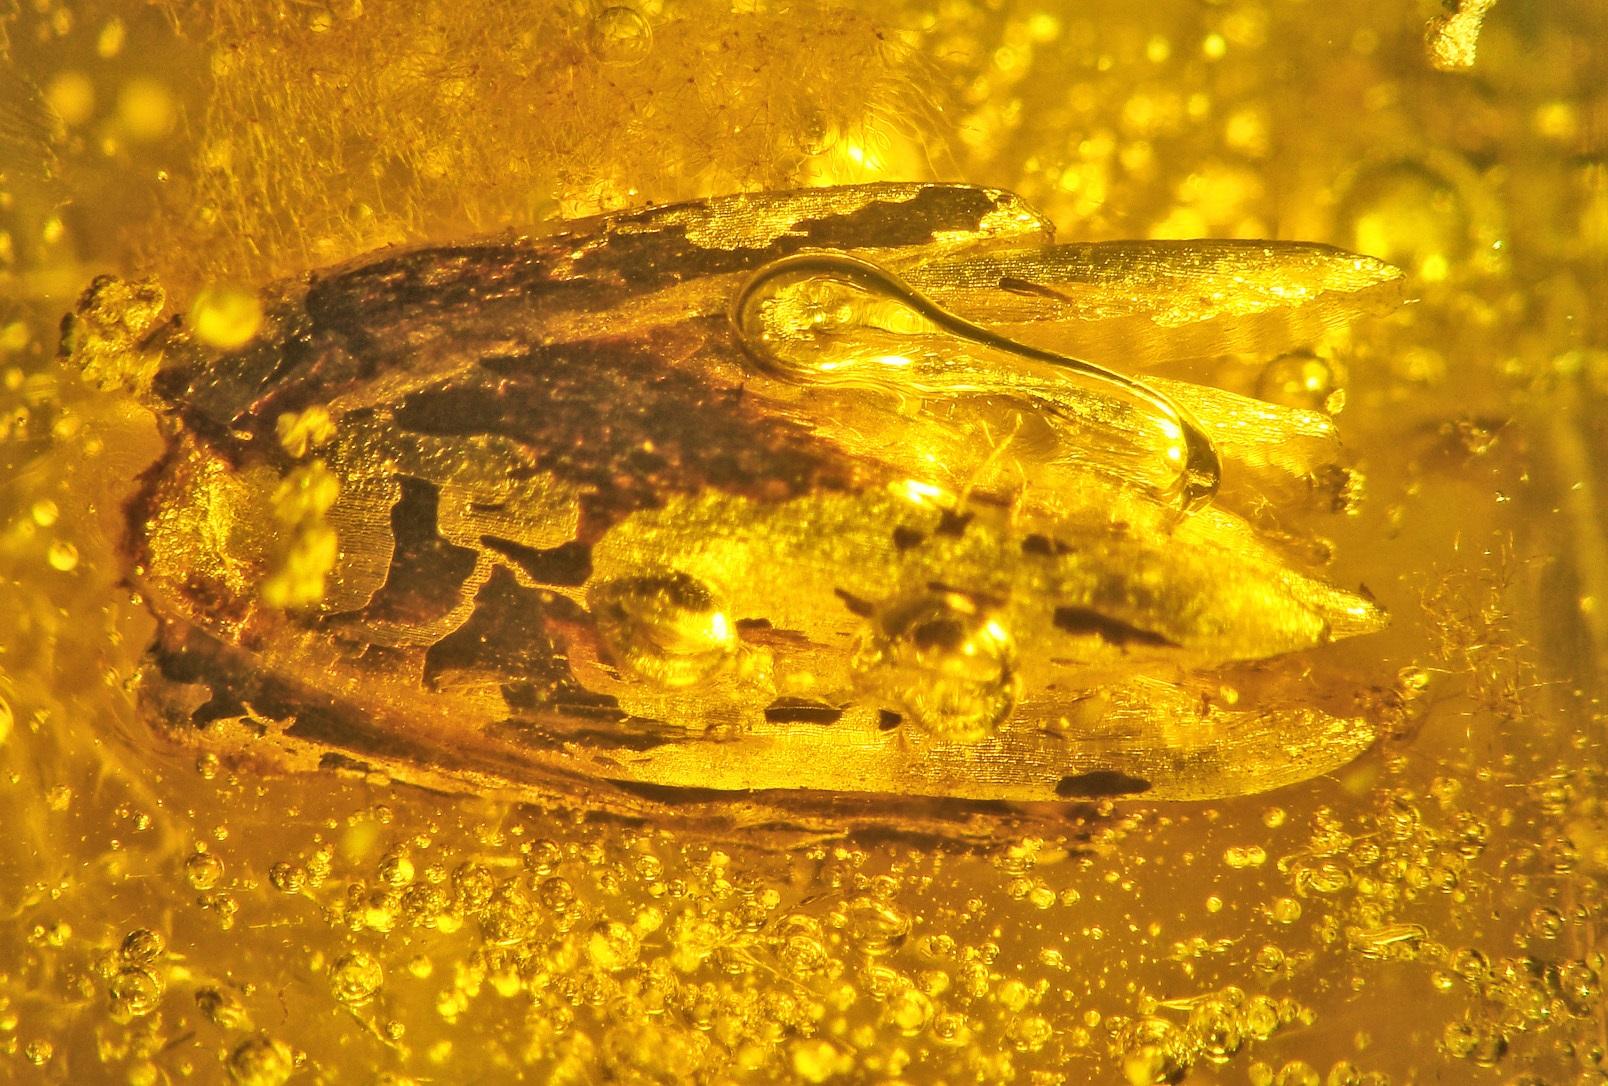 Палеоботаники впервые выяснили, какое растение застыло в янтаре.Вокруг Света. Украина